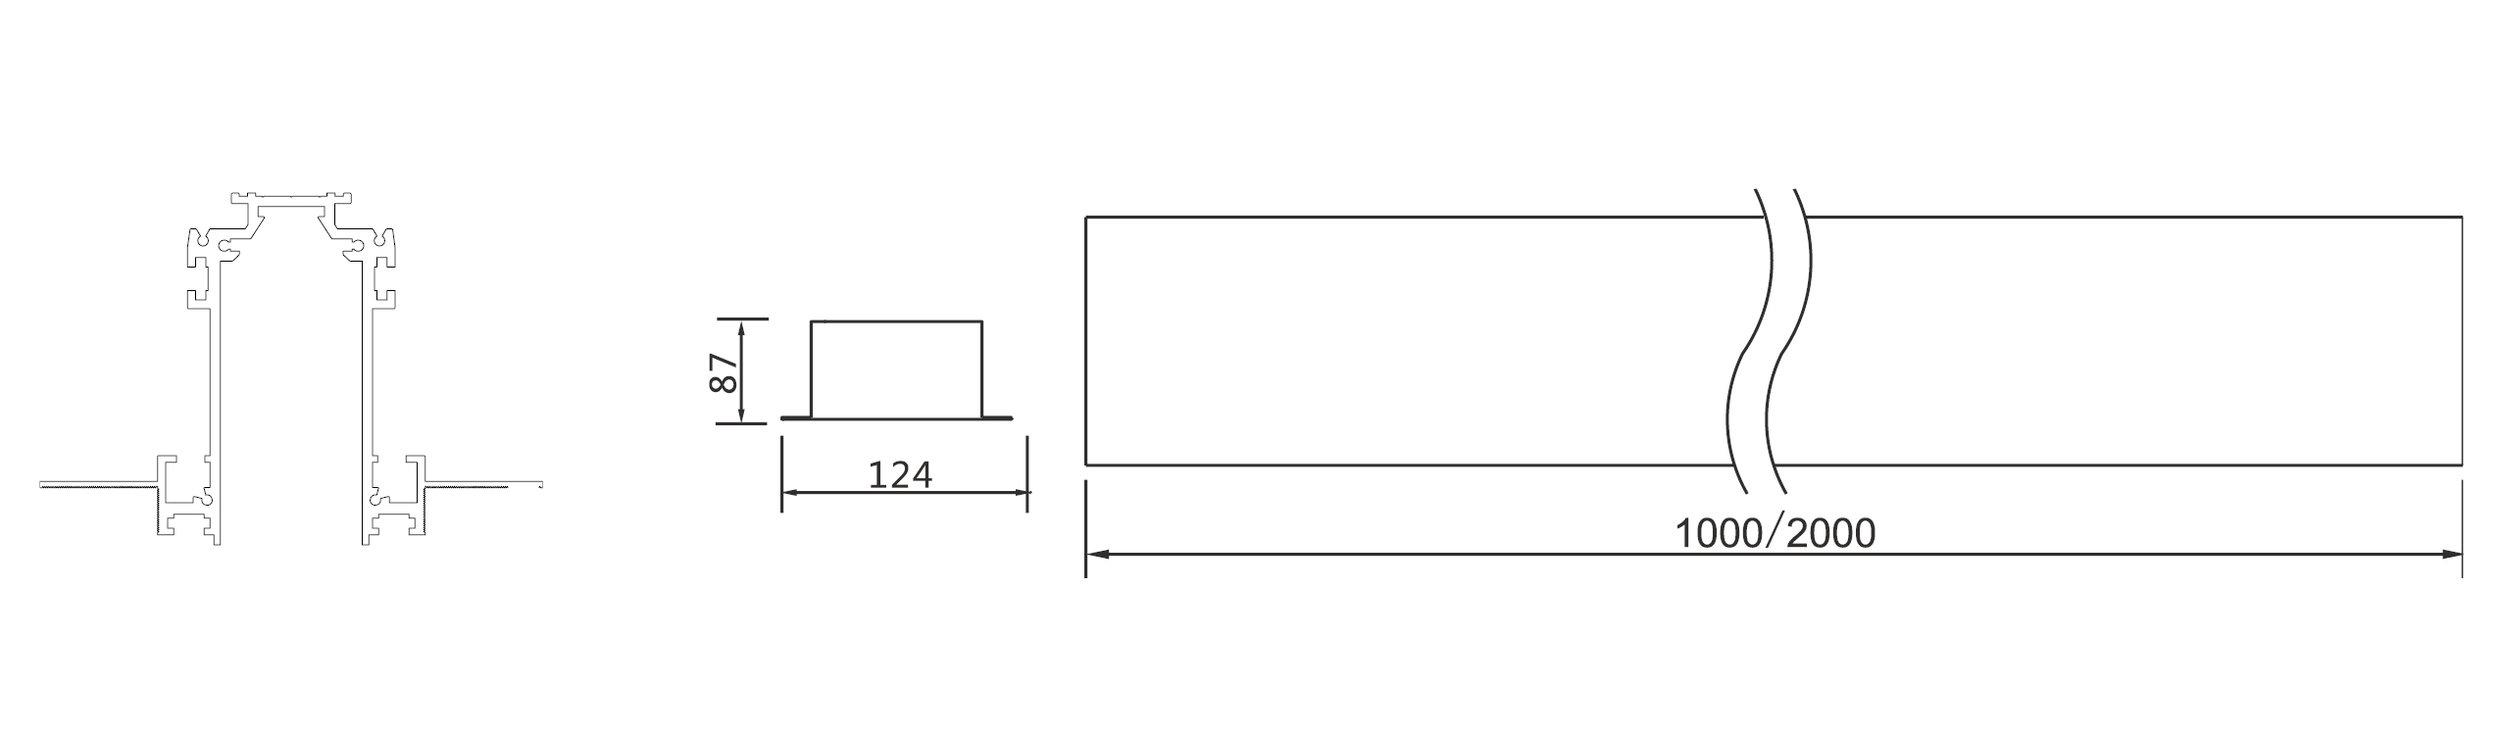 Recessed Image 1.jpg